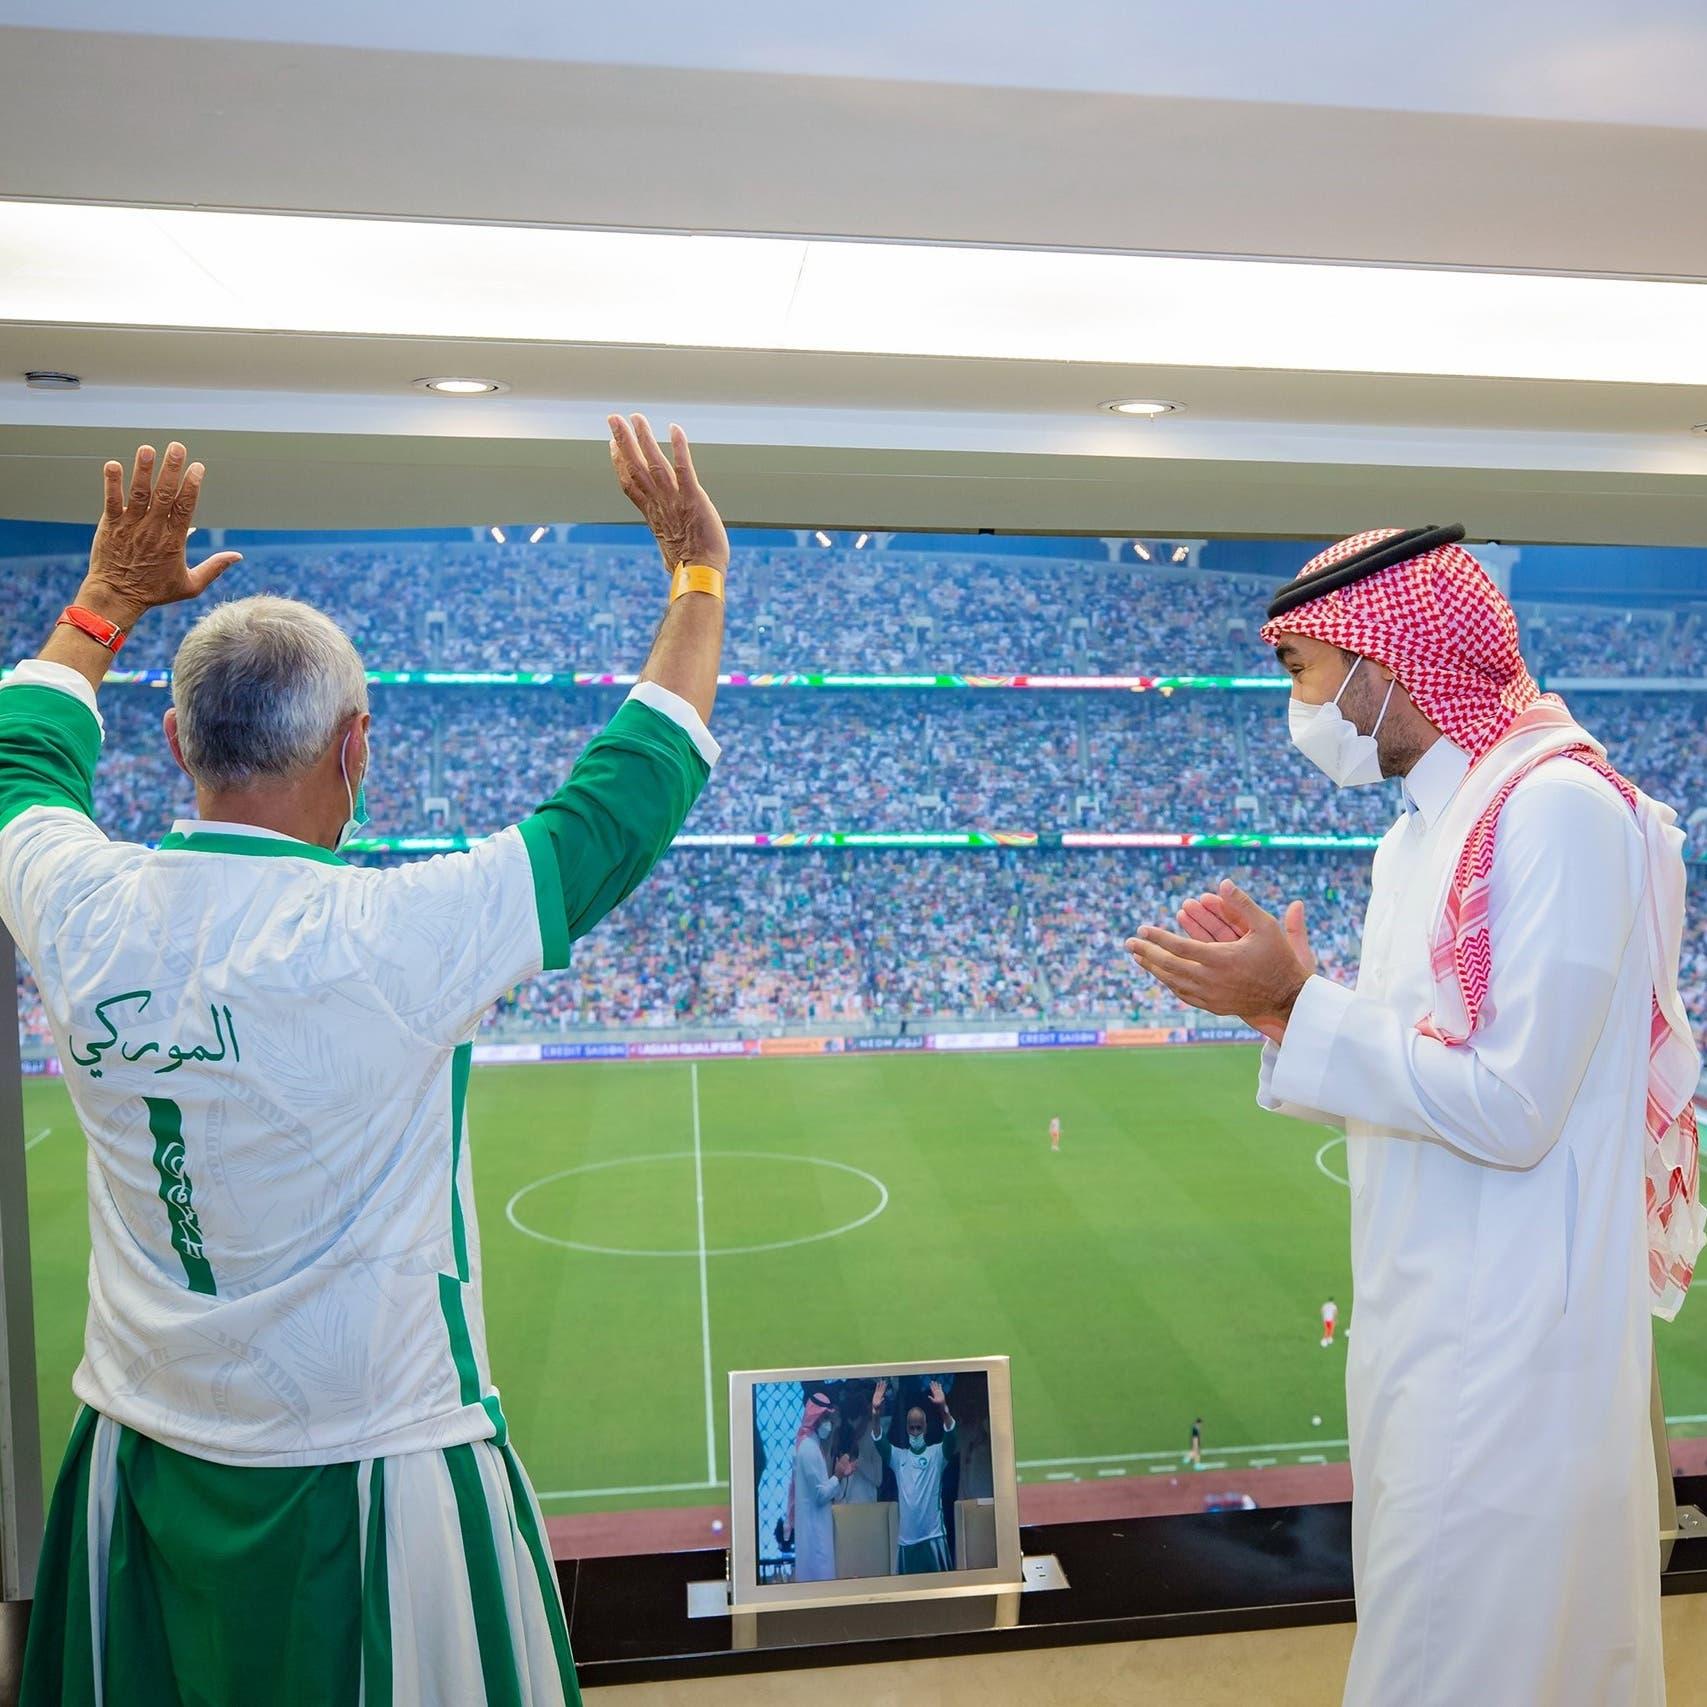 ما قصة مشجع كرمه وزير الرياضة السعودي خلال مباراة المنتخب؟